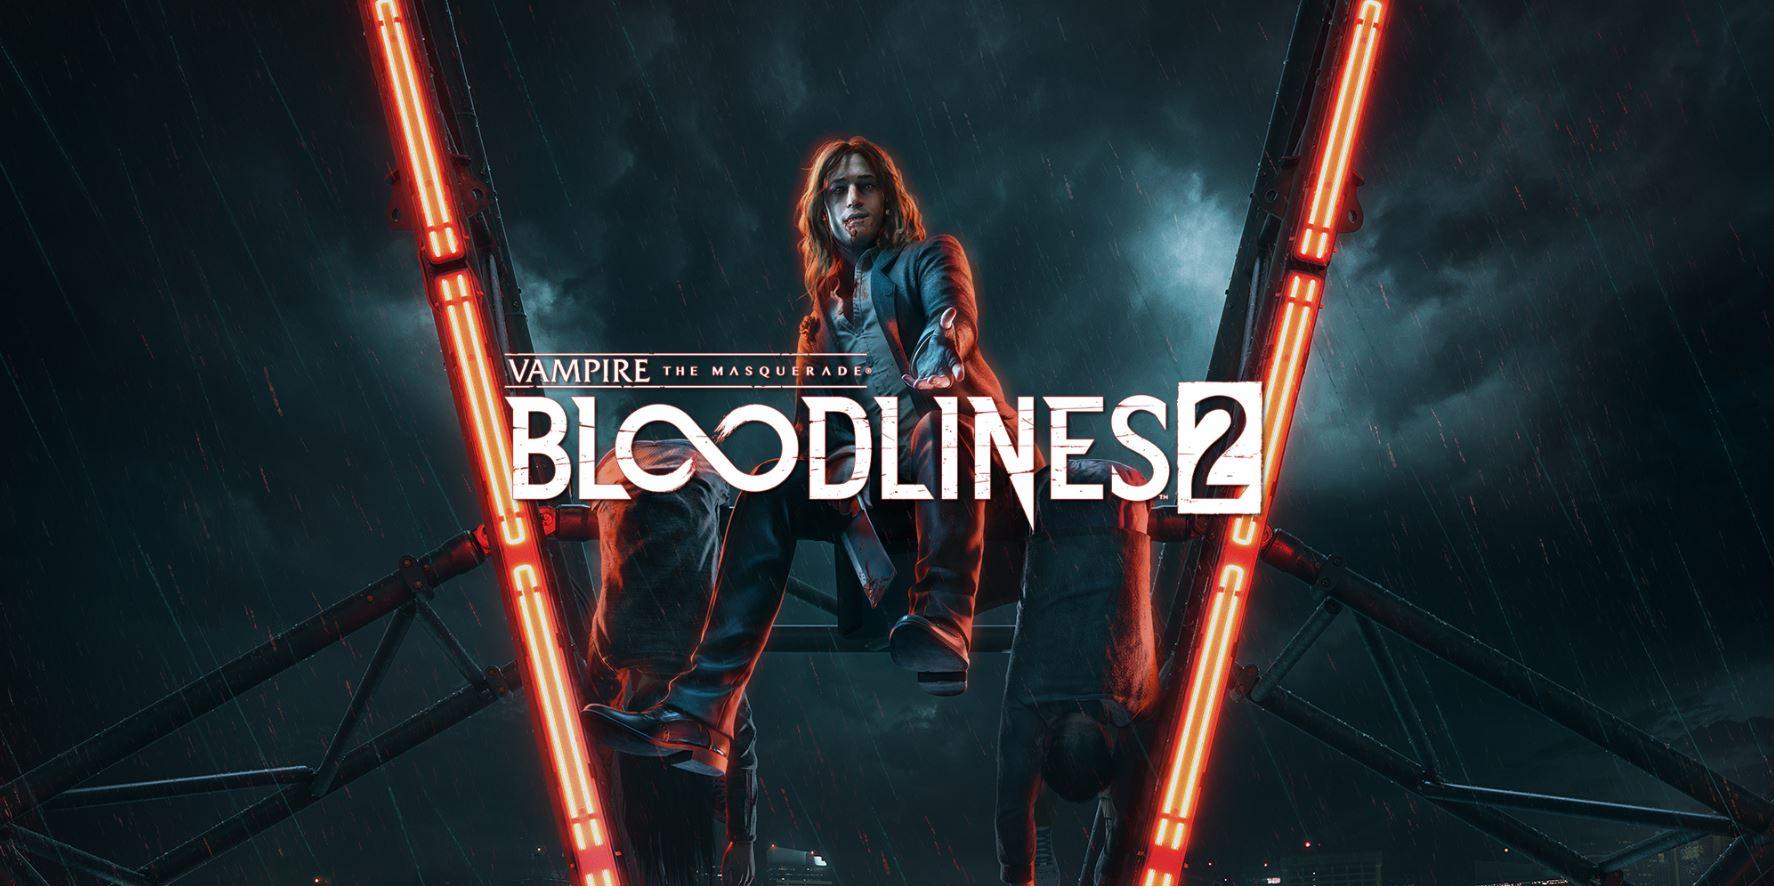 اطلاعات و تریلر جدیدی از Vampire: The Masquerade – Bloodlines 2 منتشر شد